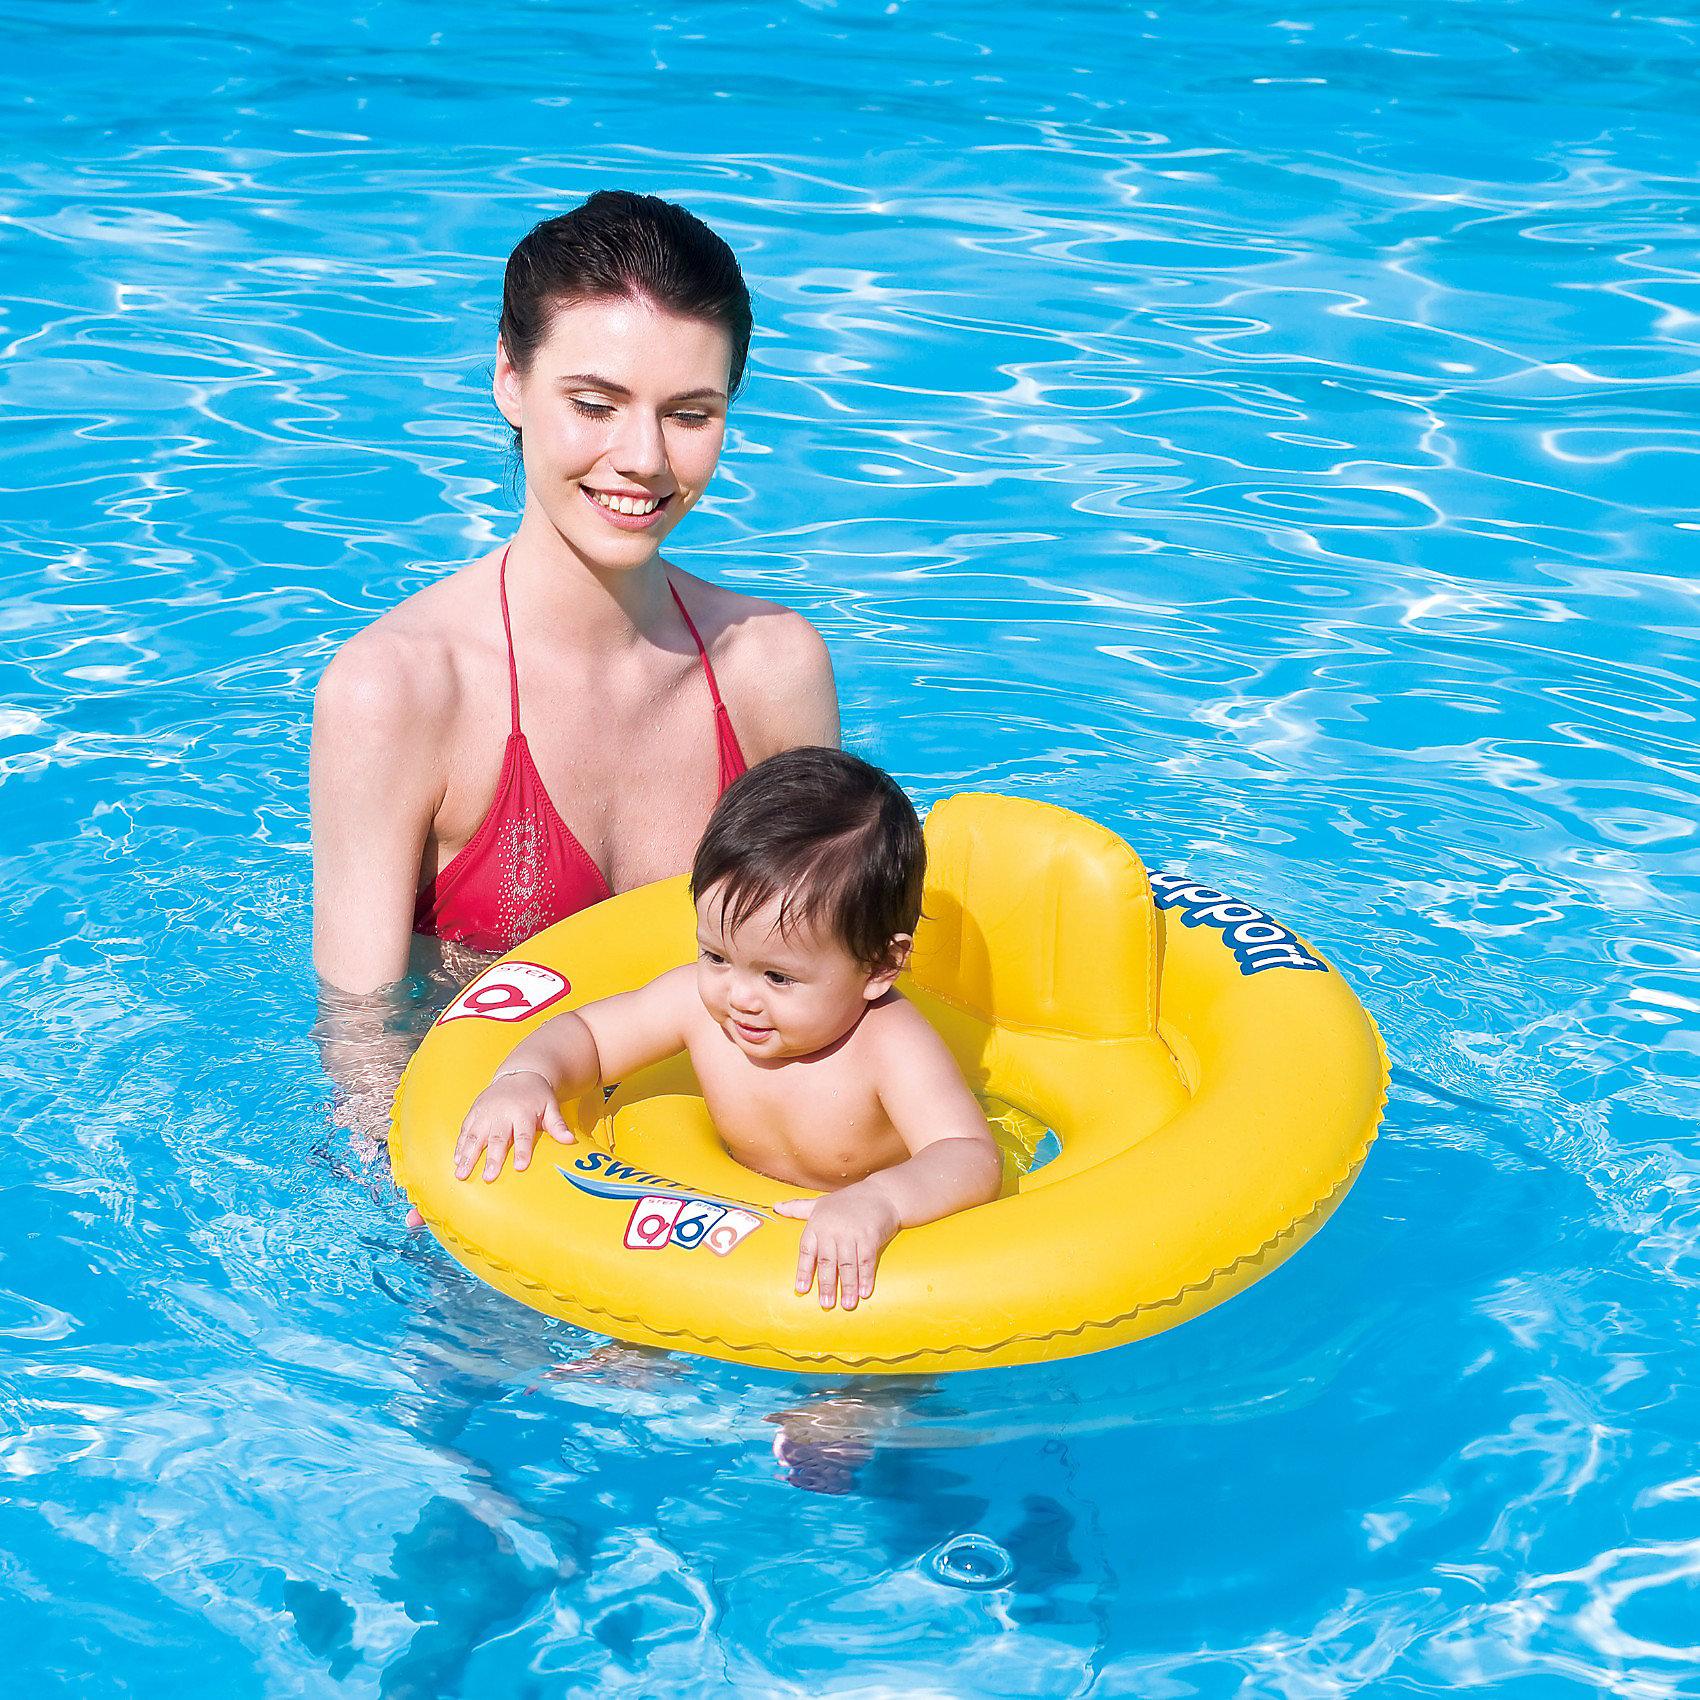 Круг для плавания с сиденьем и спинкой Swim Safe, 69 см, ступень А, BestwayКруг с сиденьем надувной двухкамерный<br>- диаметр 69 см<br>- сиденье из двух перекрещенных полосок для большего комфорта<br>- материал: винил толщиной 0,22 мм<br><br>Ширина мм: 20<br>Глубина мм: 254<br>Высота мм: 266<br>Вес г: 11760<br>Возраст от месяцев: 12<br>Возраст до месяцев: 24<br>Пол: Унисекс<br>Возраст: Детский<br>SKU: 2324281